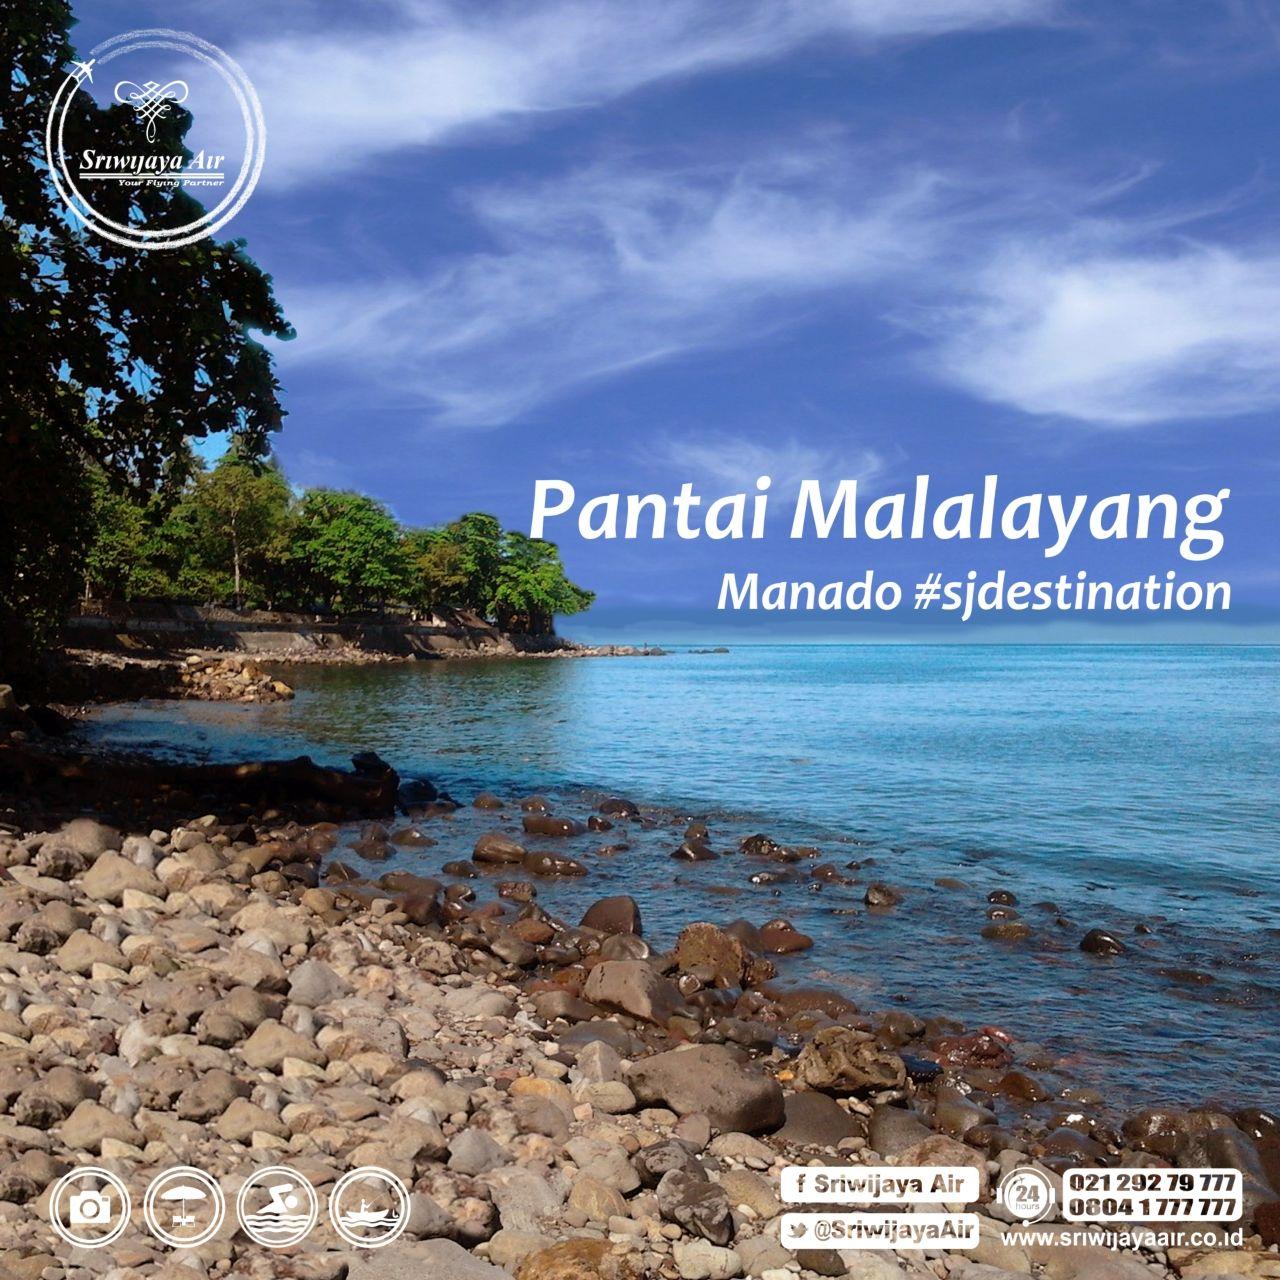 Berjalan Jalan Manado Sempatkan Waktu Bersantai Pantai Malalayang Partners 10